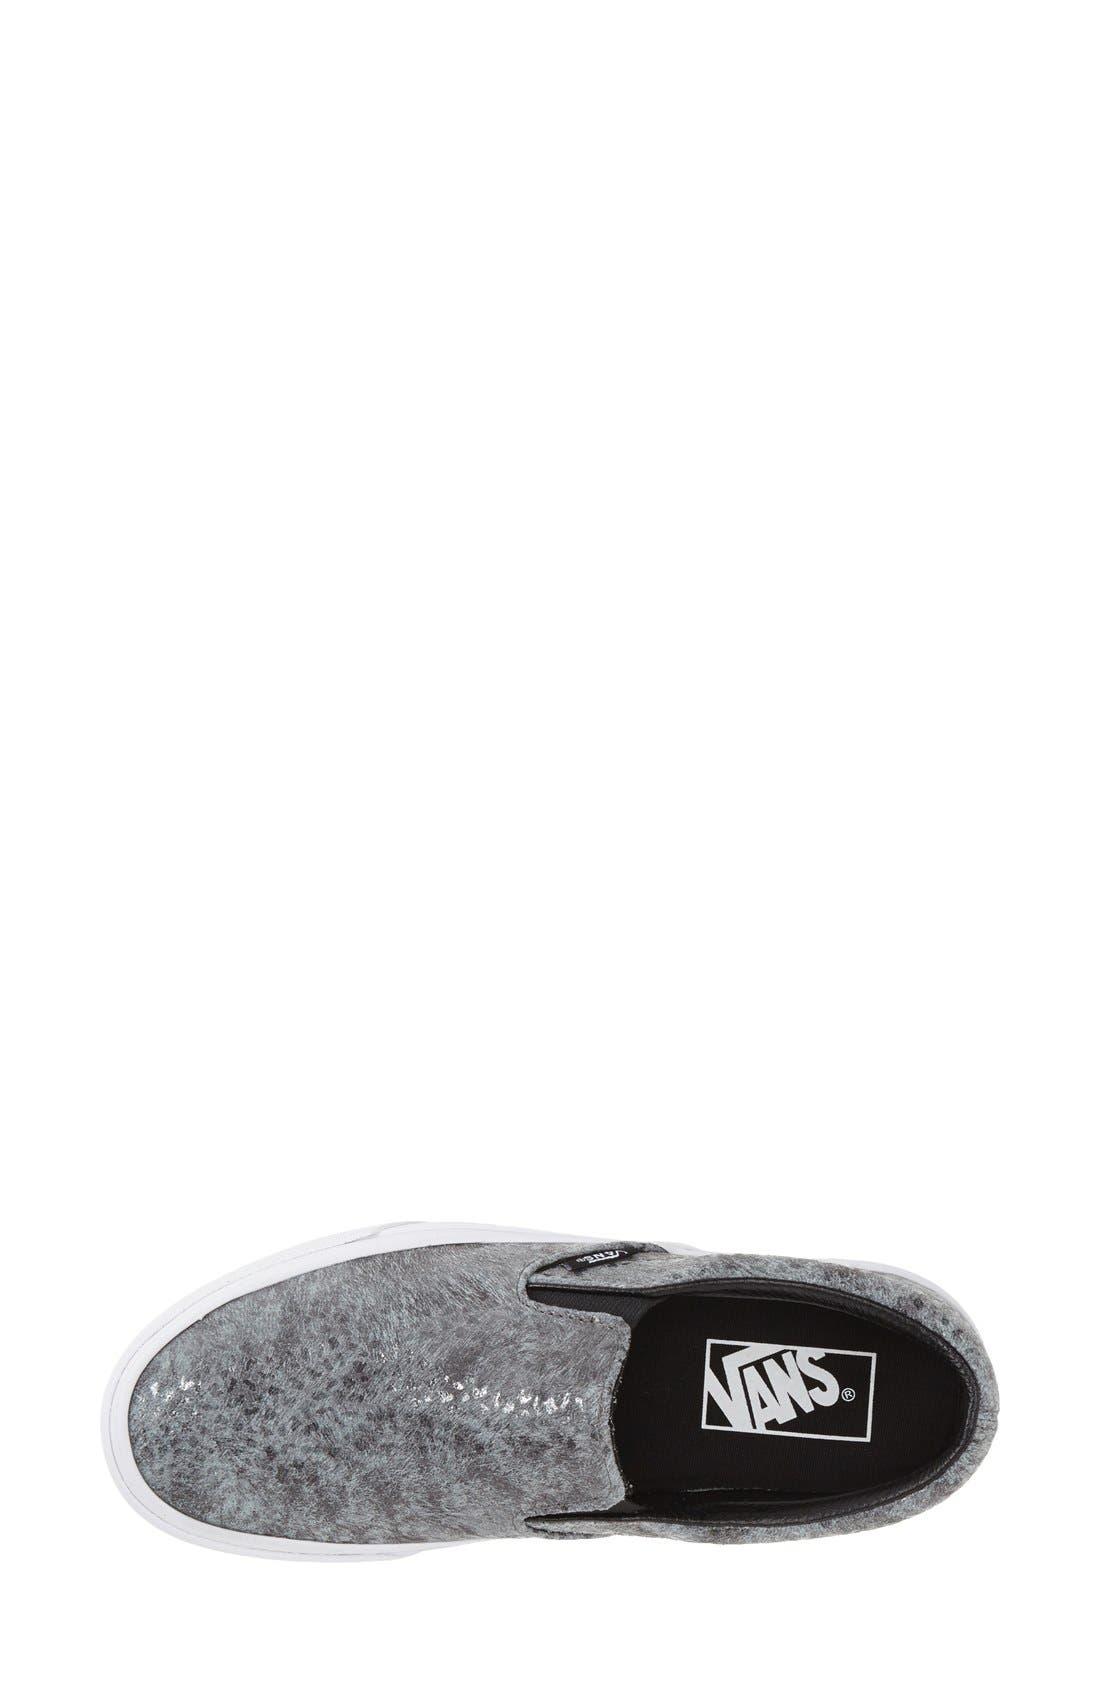 Alternate Image 3  - Vans 'Classic - Pebble Snake' Slip-On Sneaker (Women)